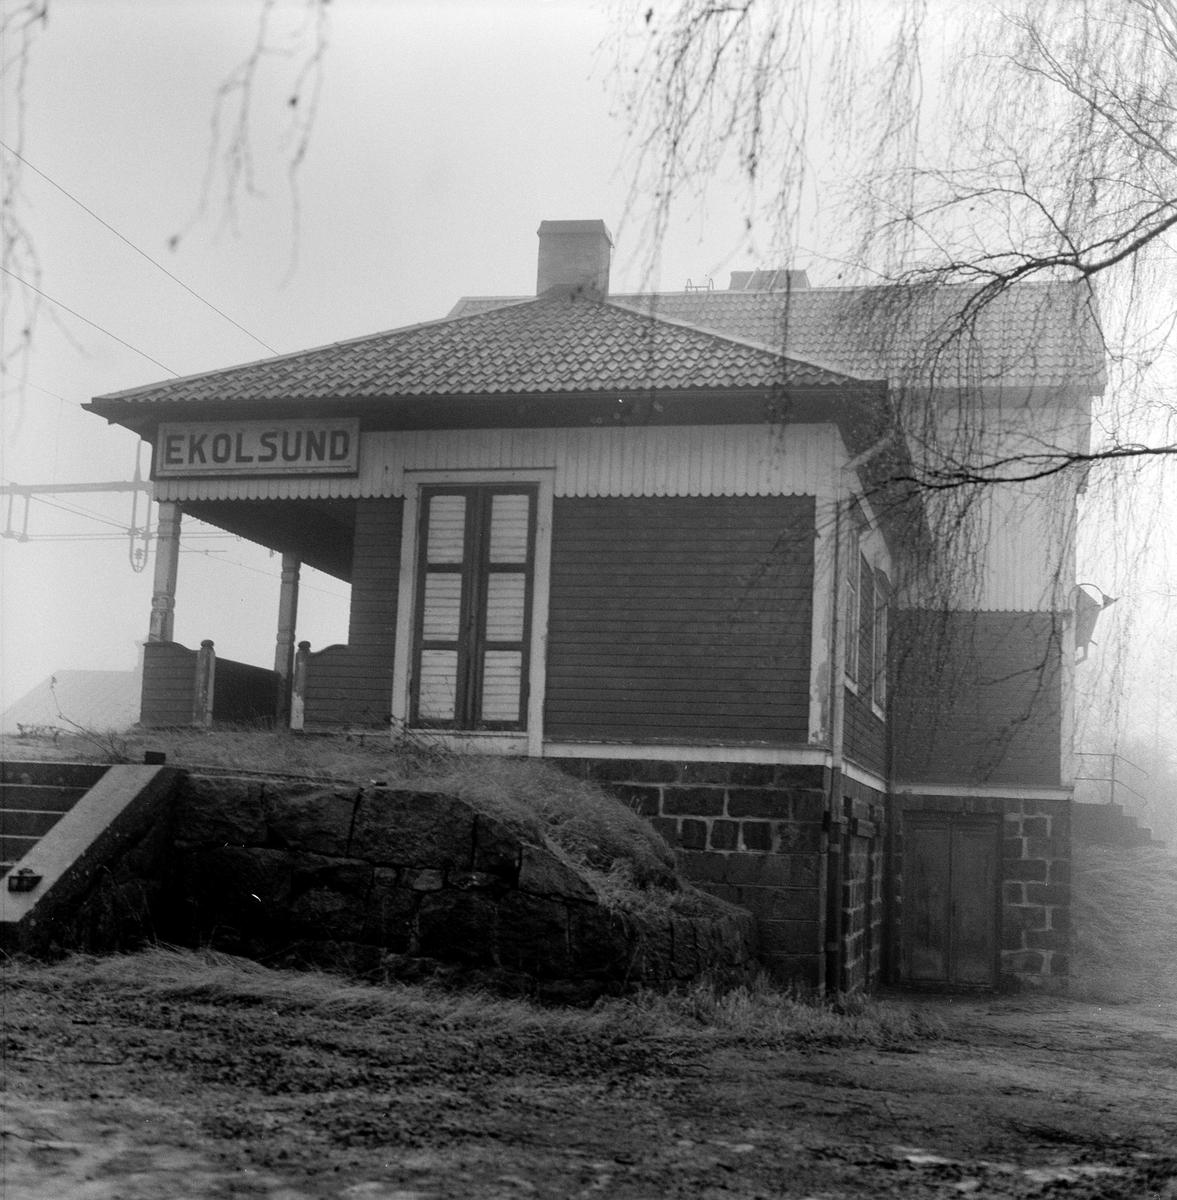 Stockholm - Västerås - Bergslagen Järnvägar, SWB Ekolsund station.